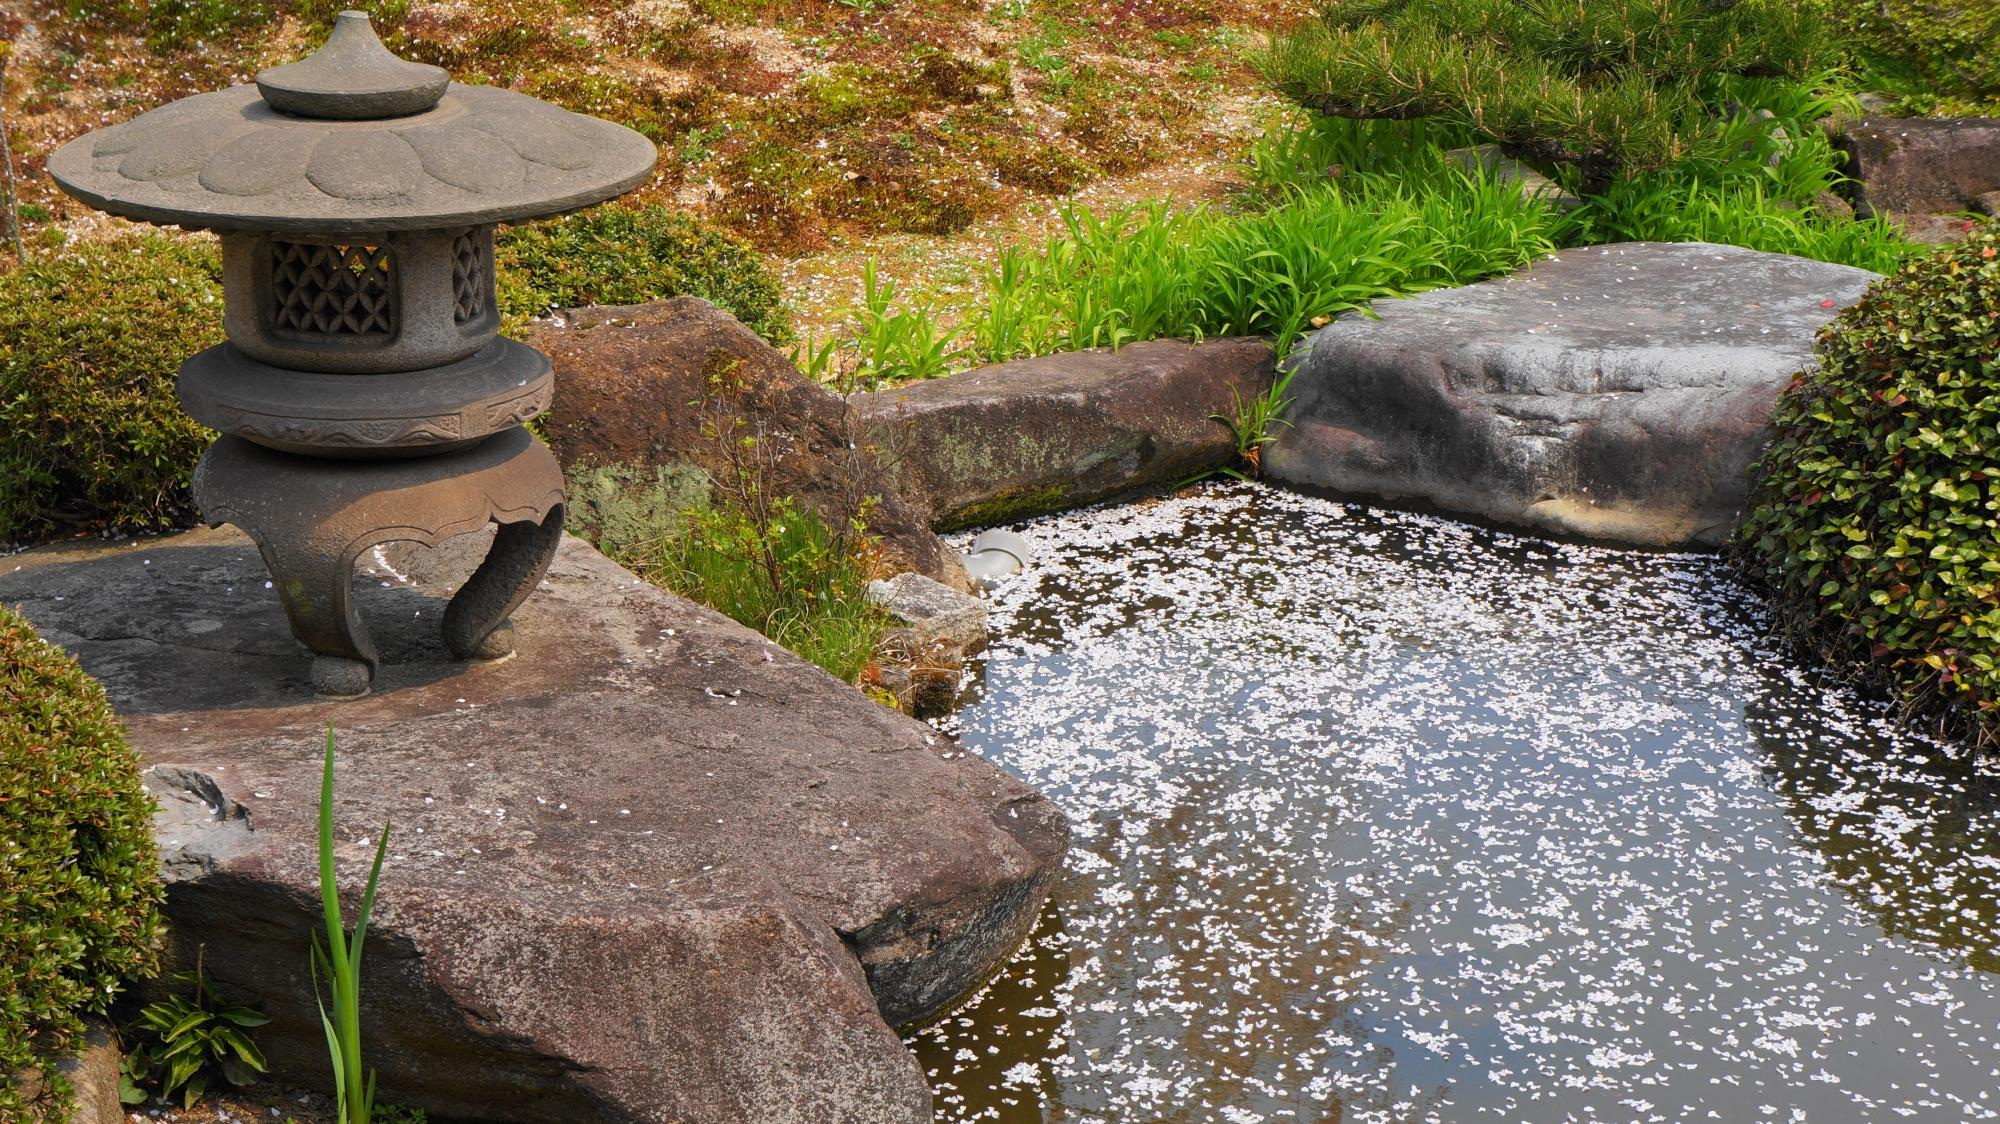 見事な散り桜が漂う手前の池